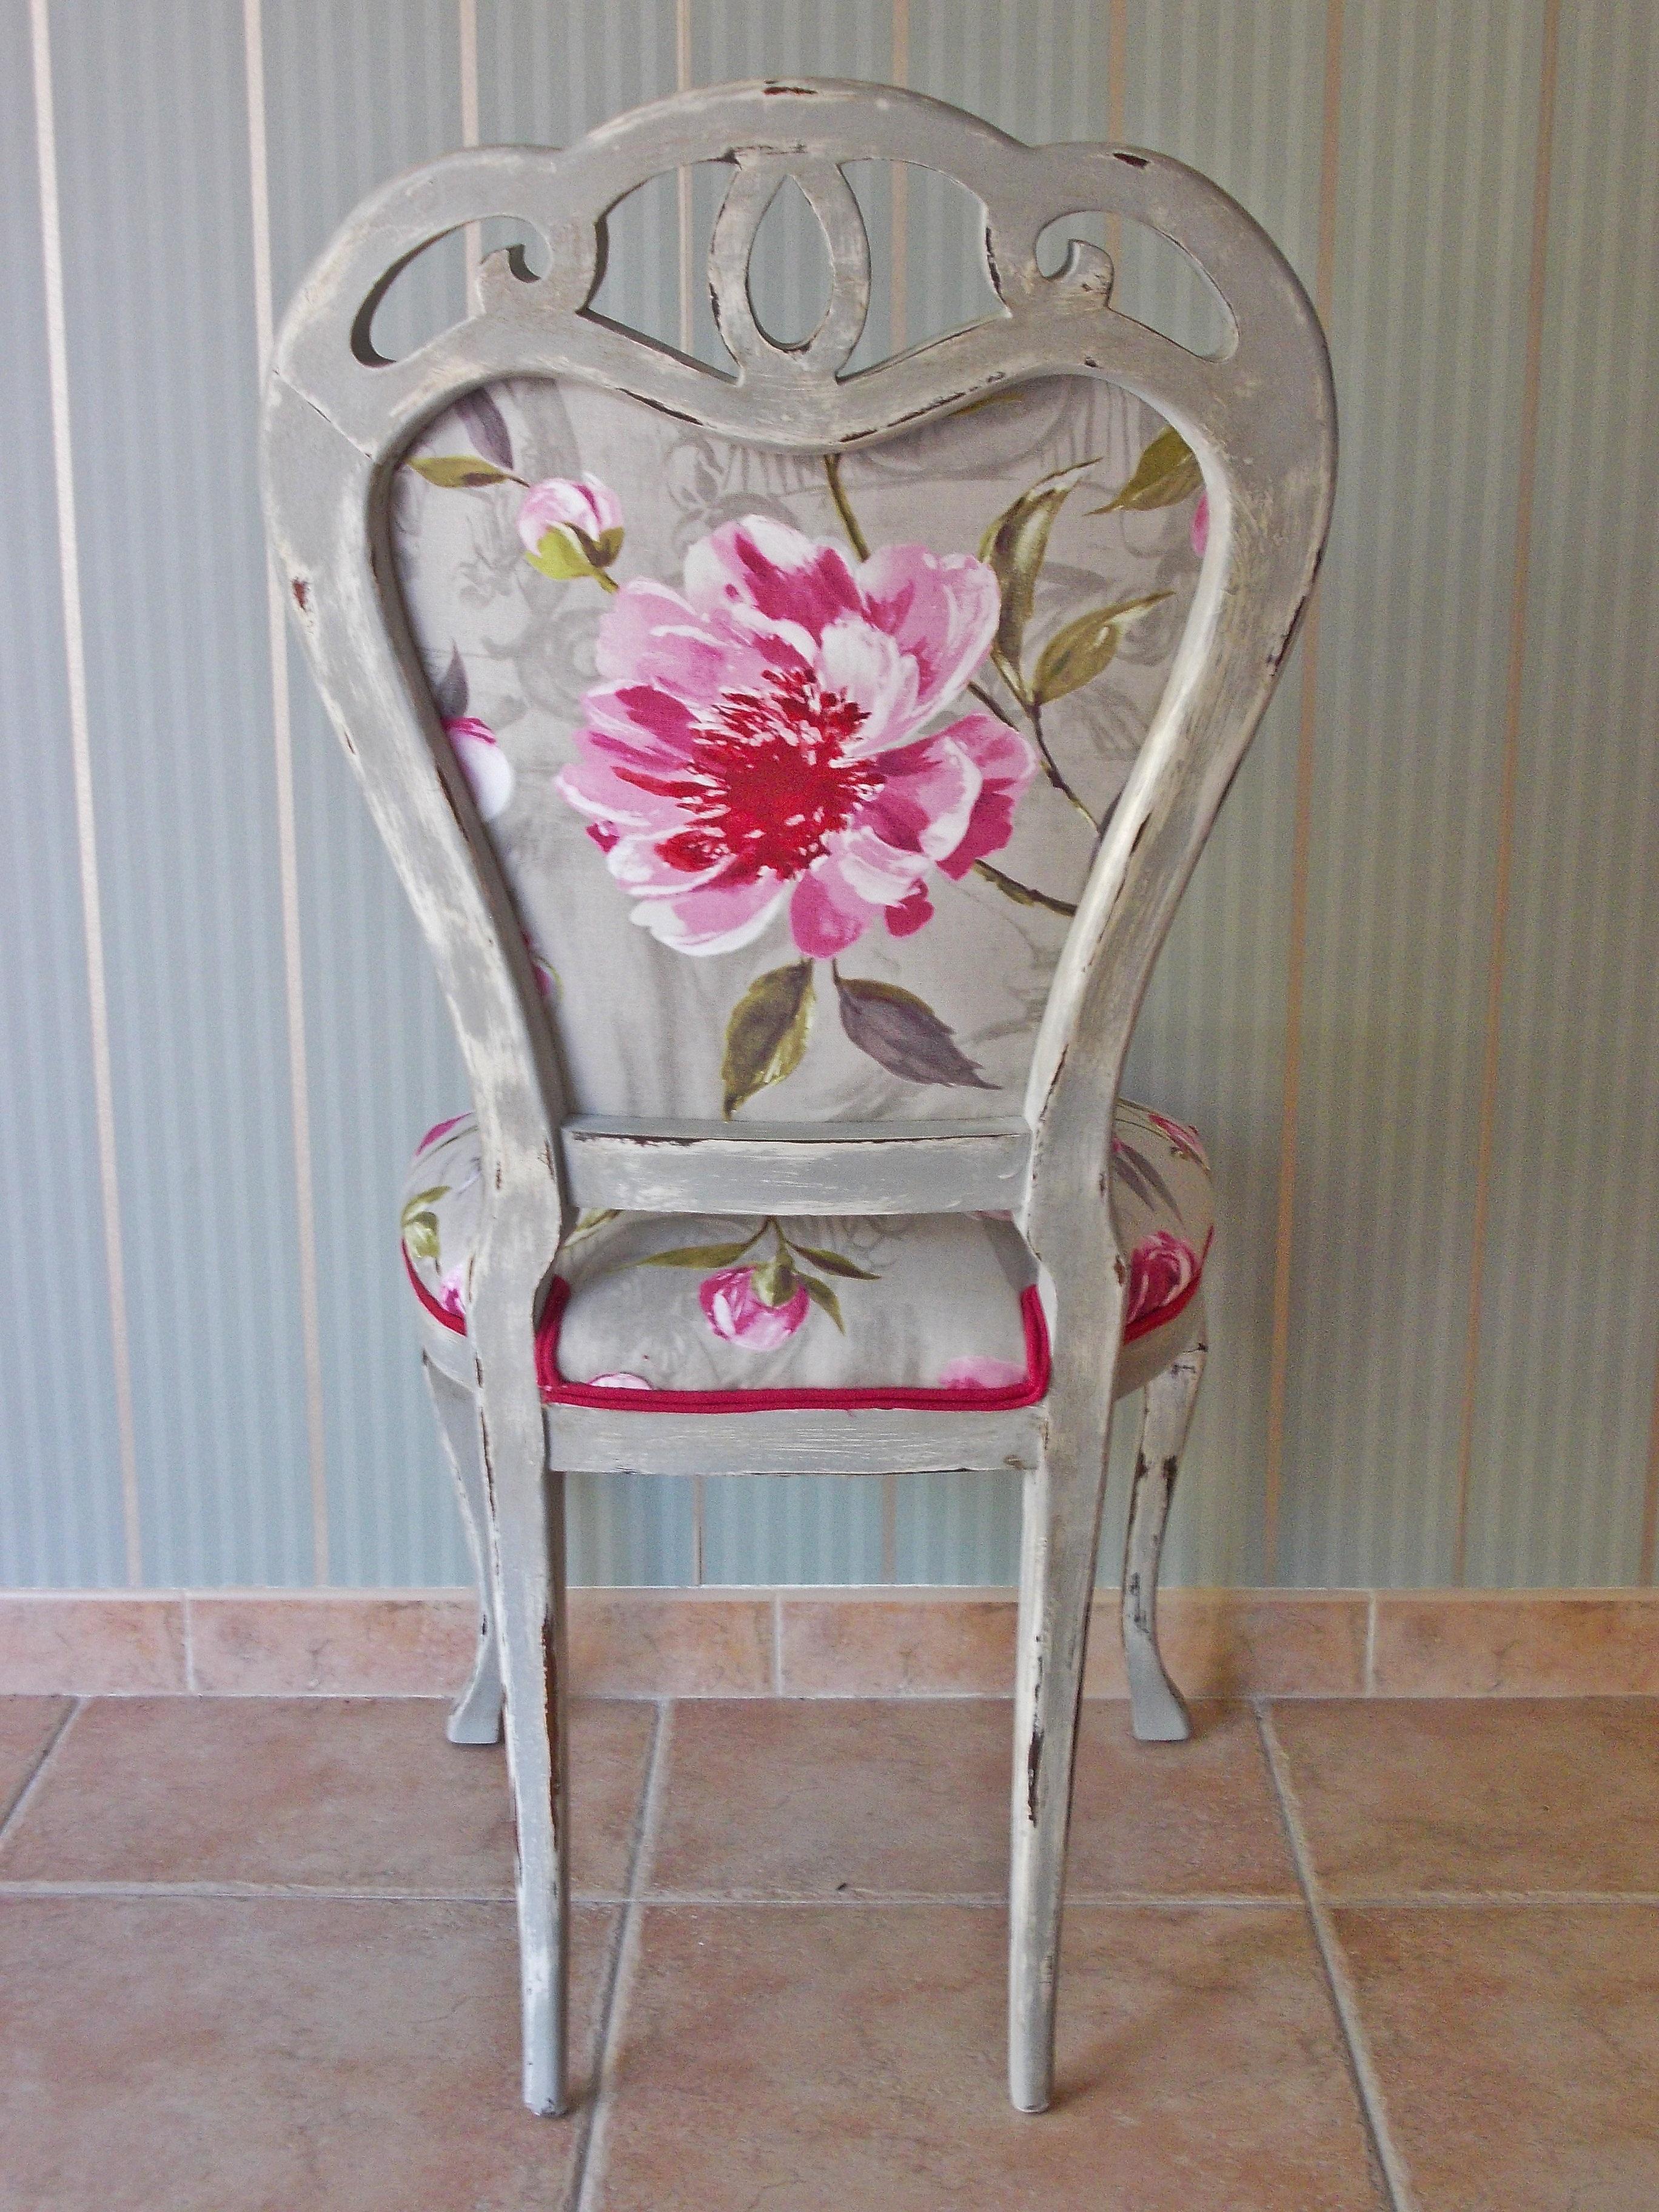 Silla vintage en gris pickling gray vintage chair - Sillas comedor vintage ...